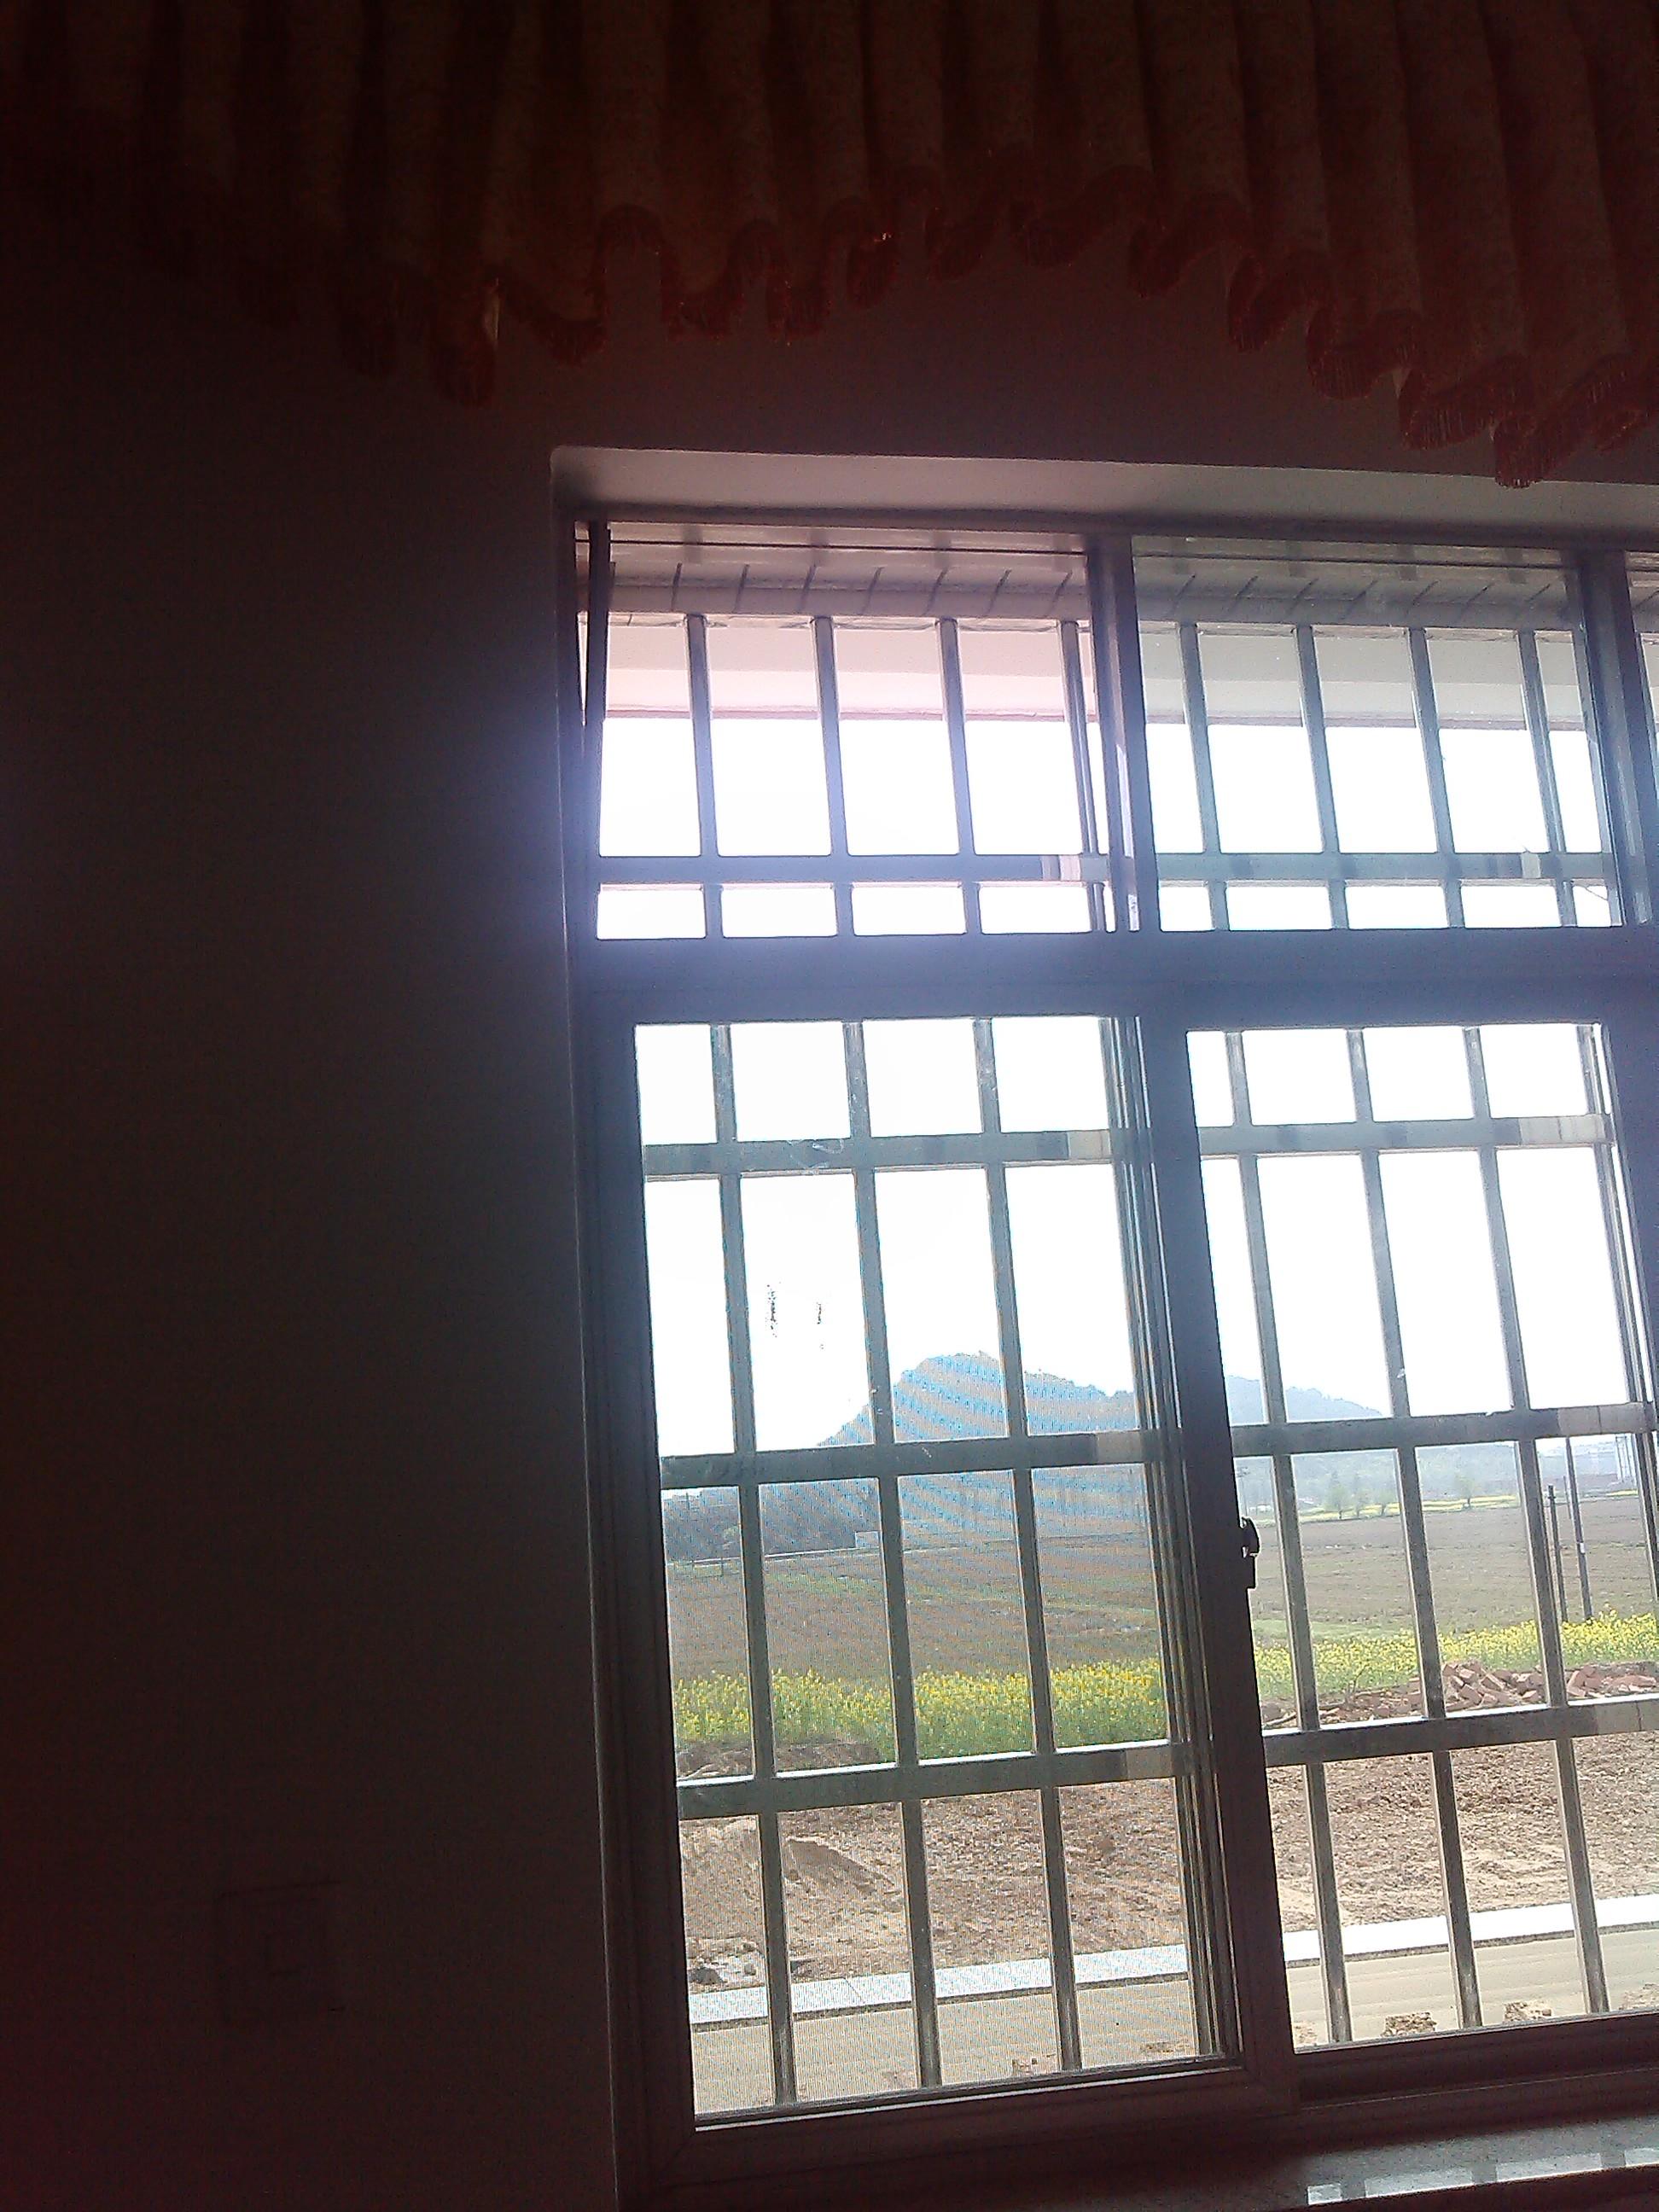 窗户铝合金与玻璃没装好